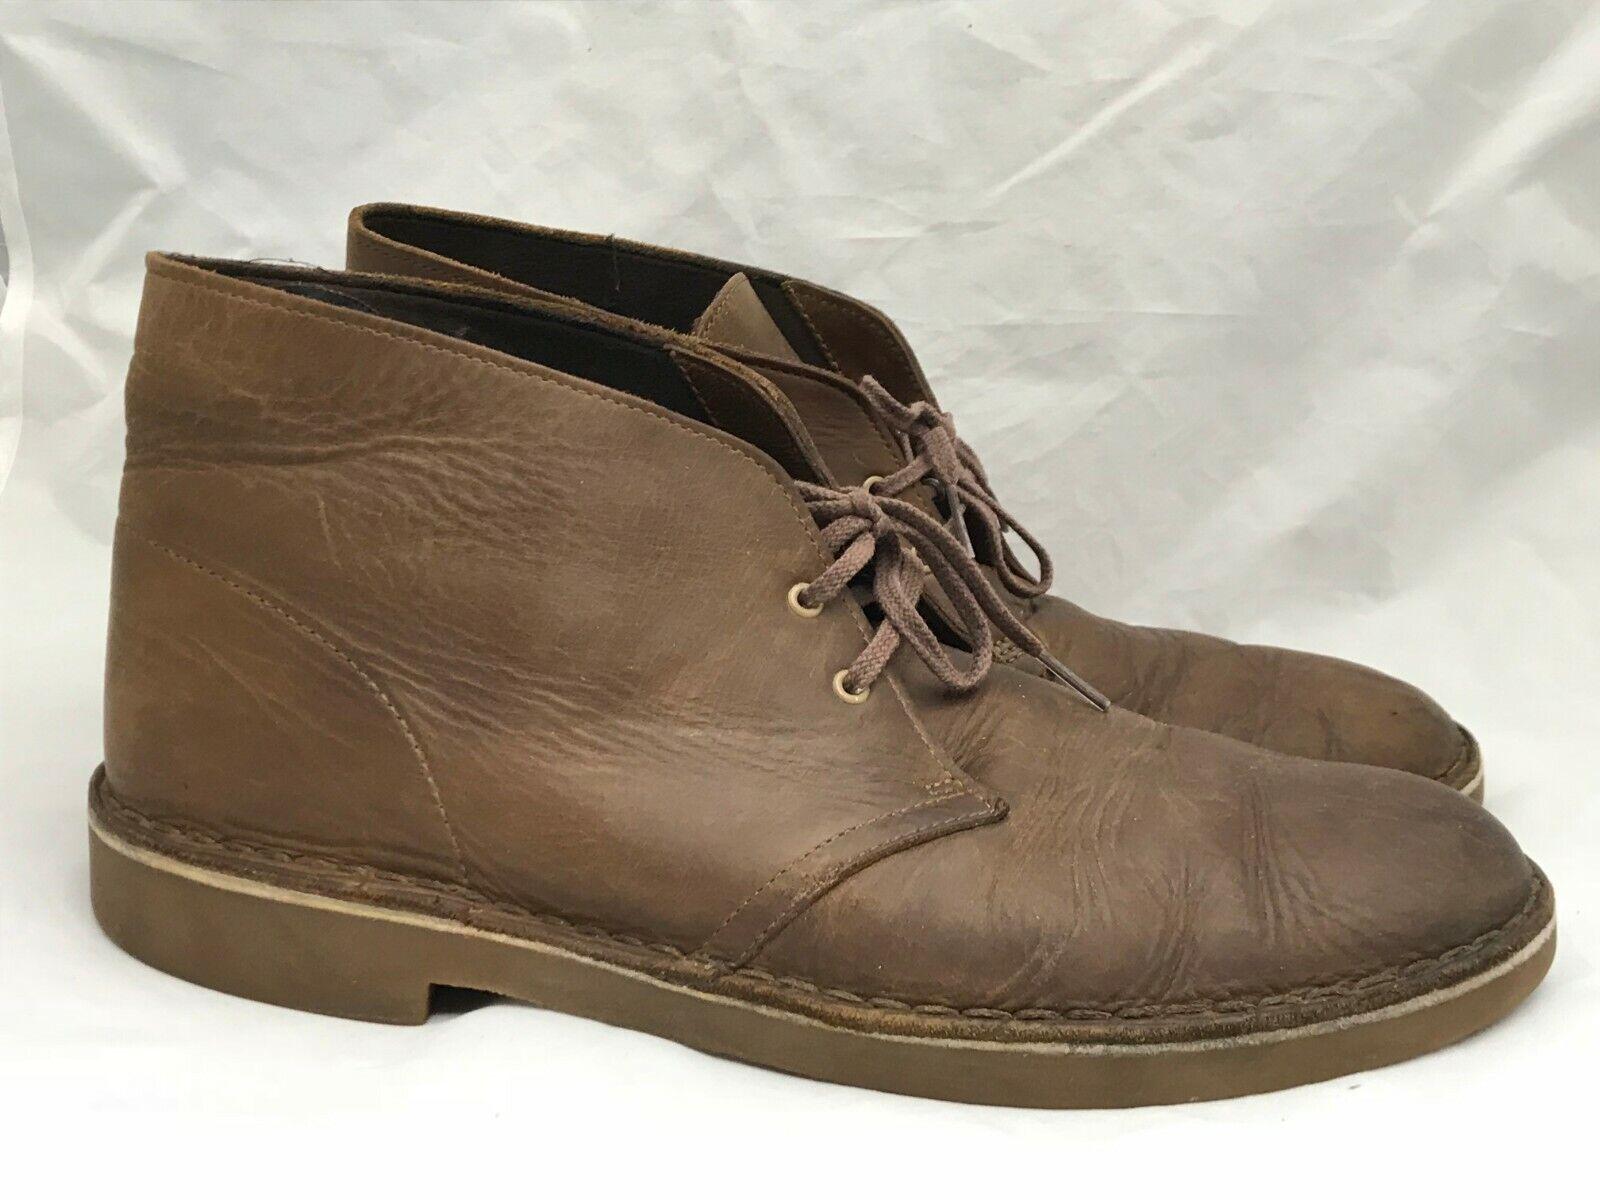 Stiefel Width Medium US 12 Größe Men's Chukka Leather braun